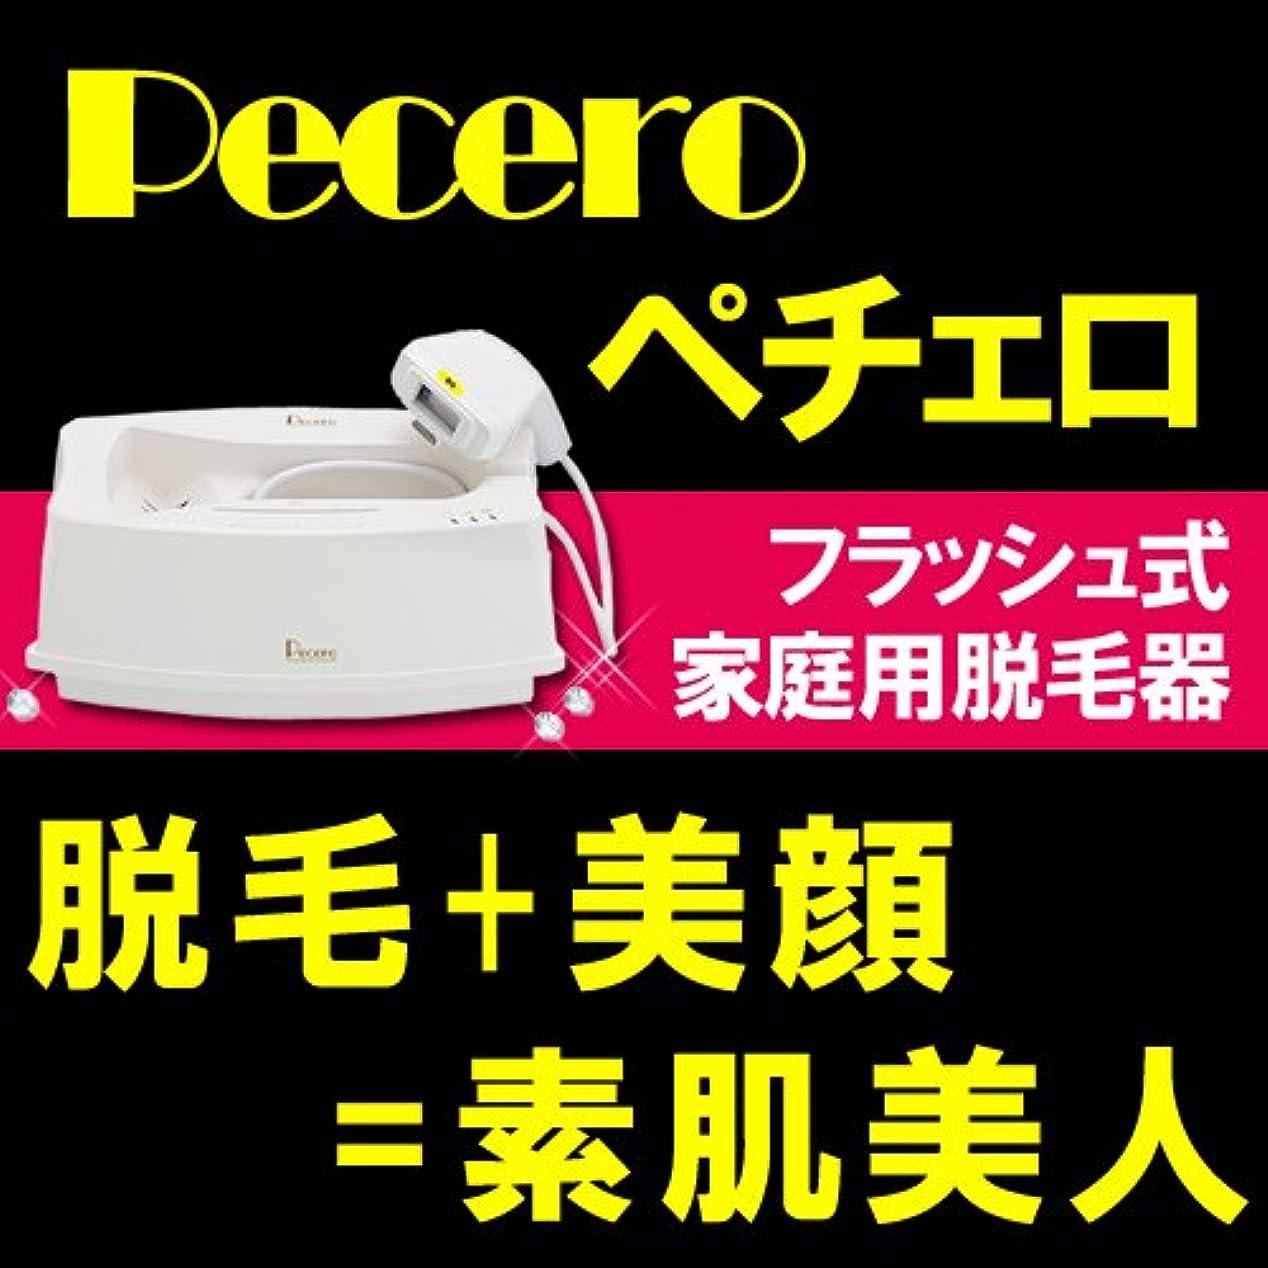 所有権ディレイ巨人家庭用脱毛器ペチェロ(pecero)